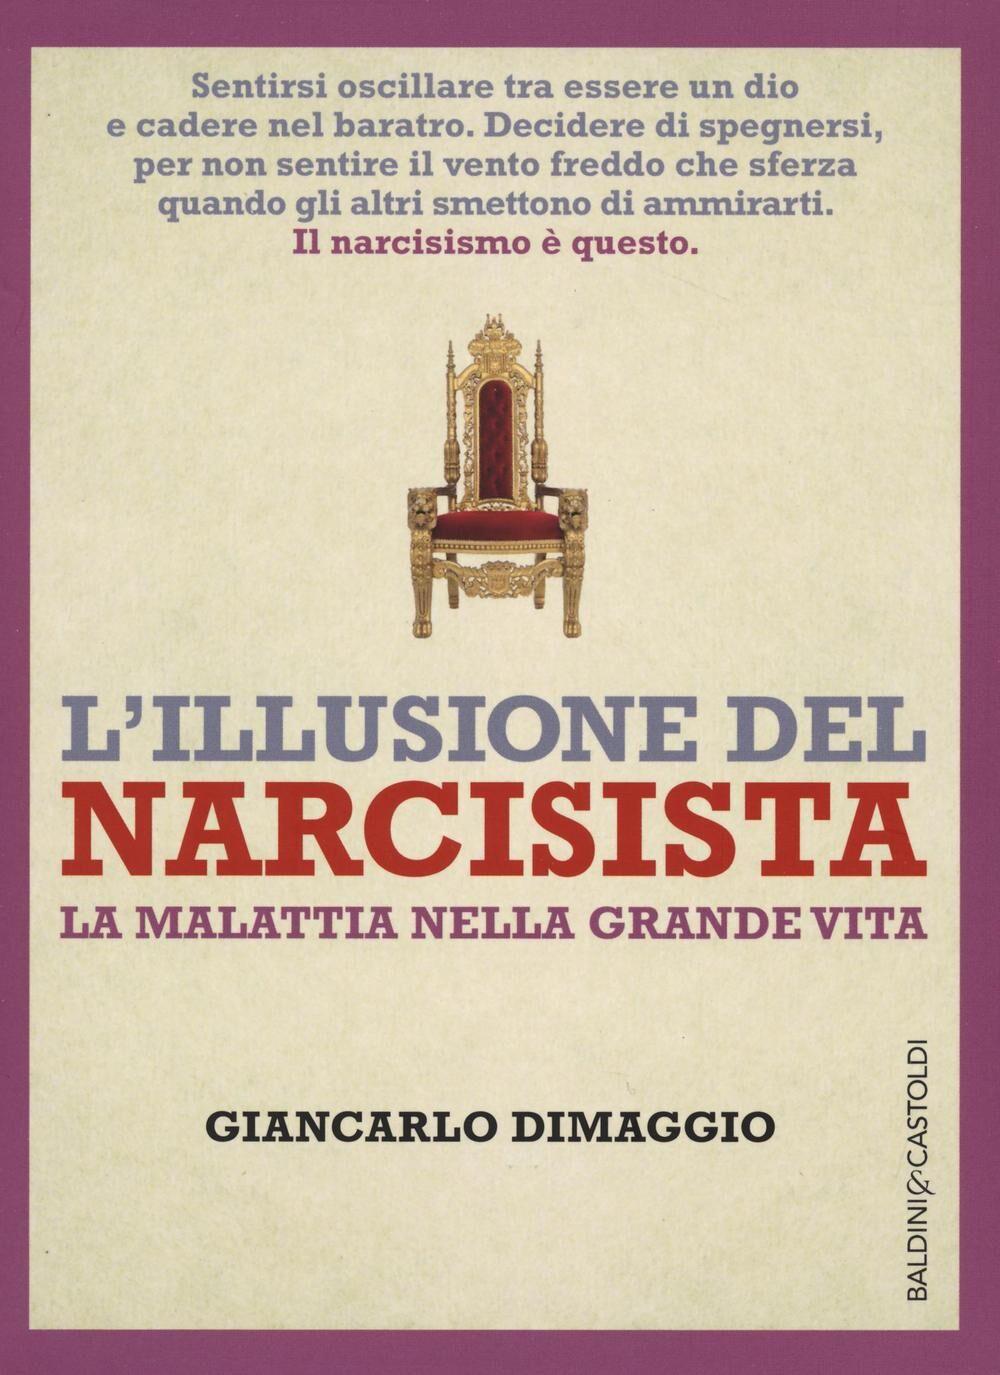 L' illusione del narcisista. La malattia nella grande vita